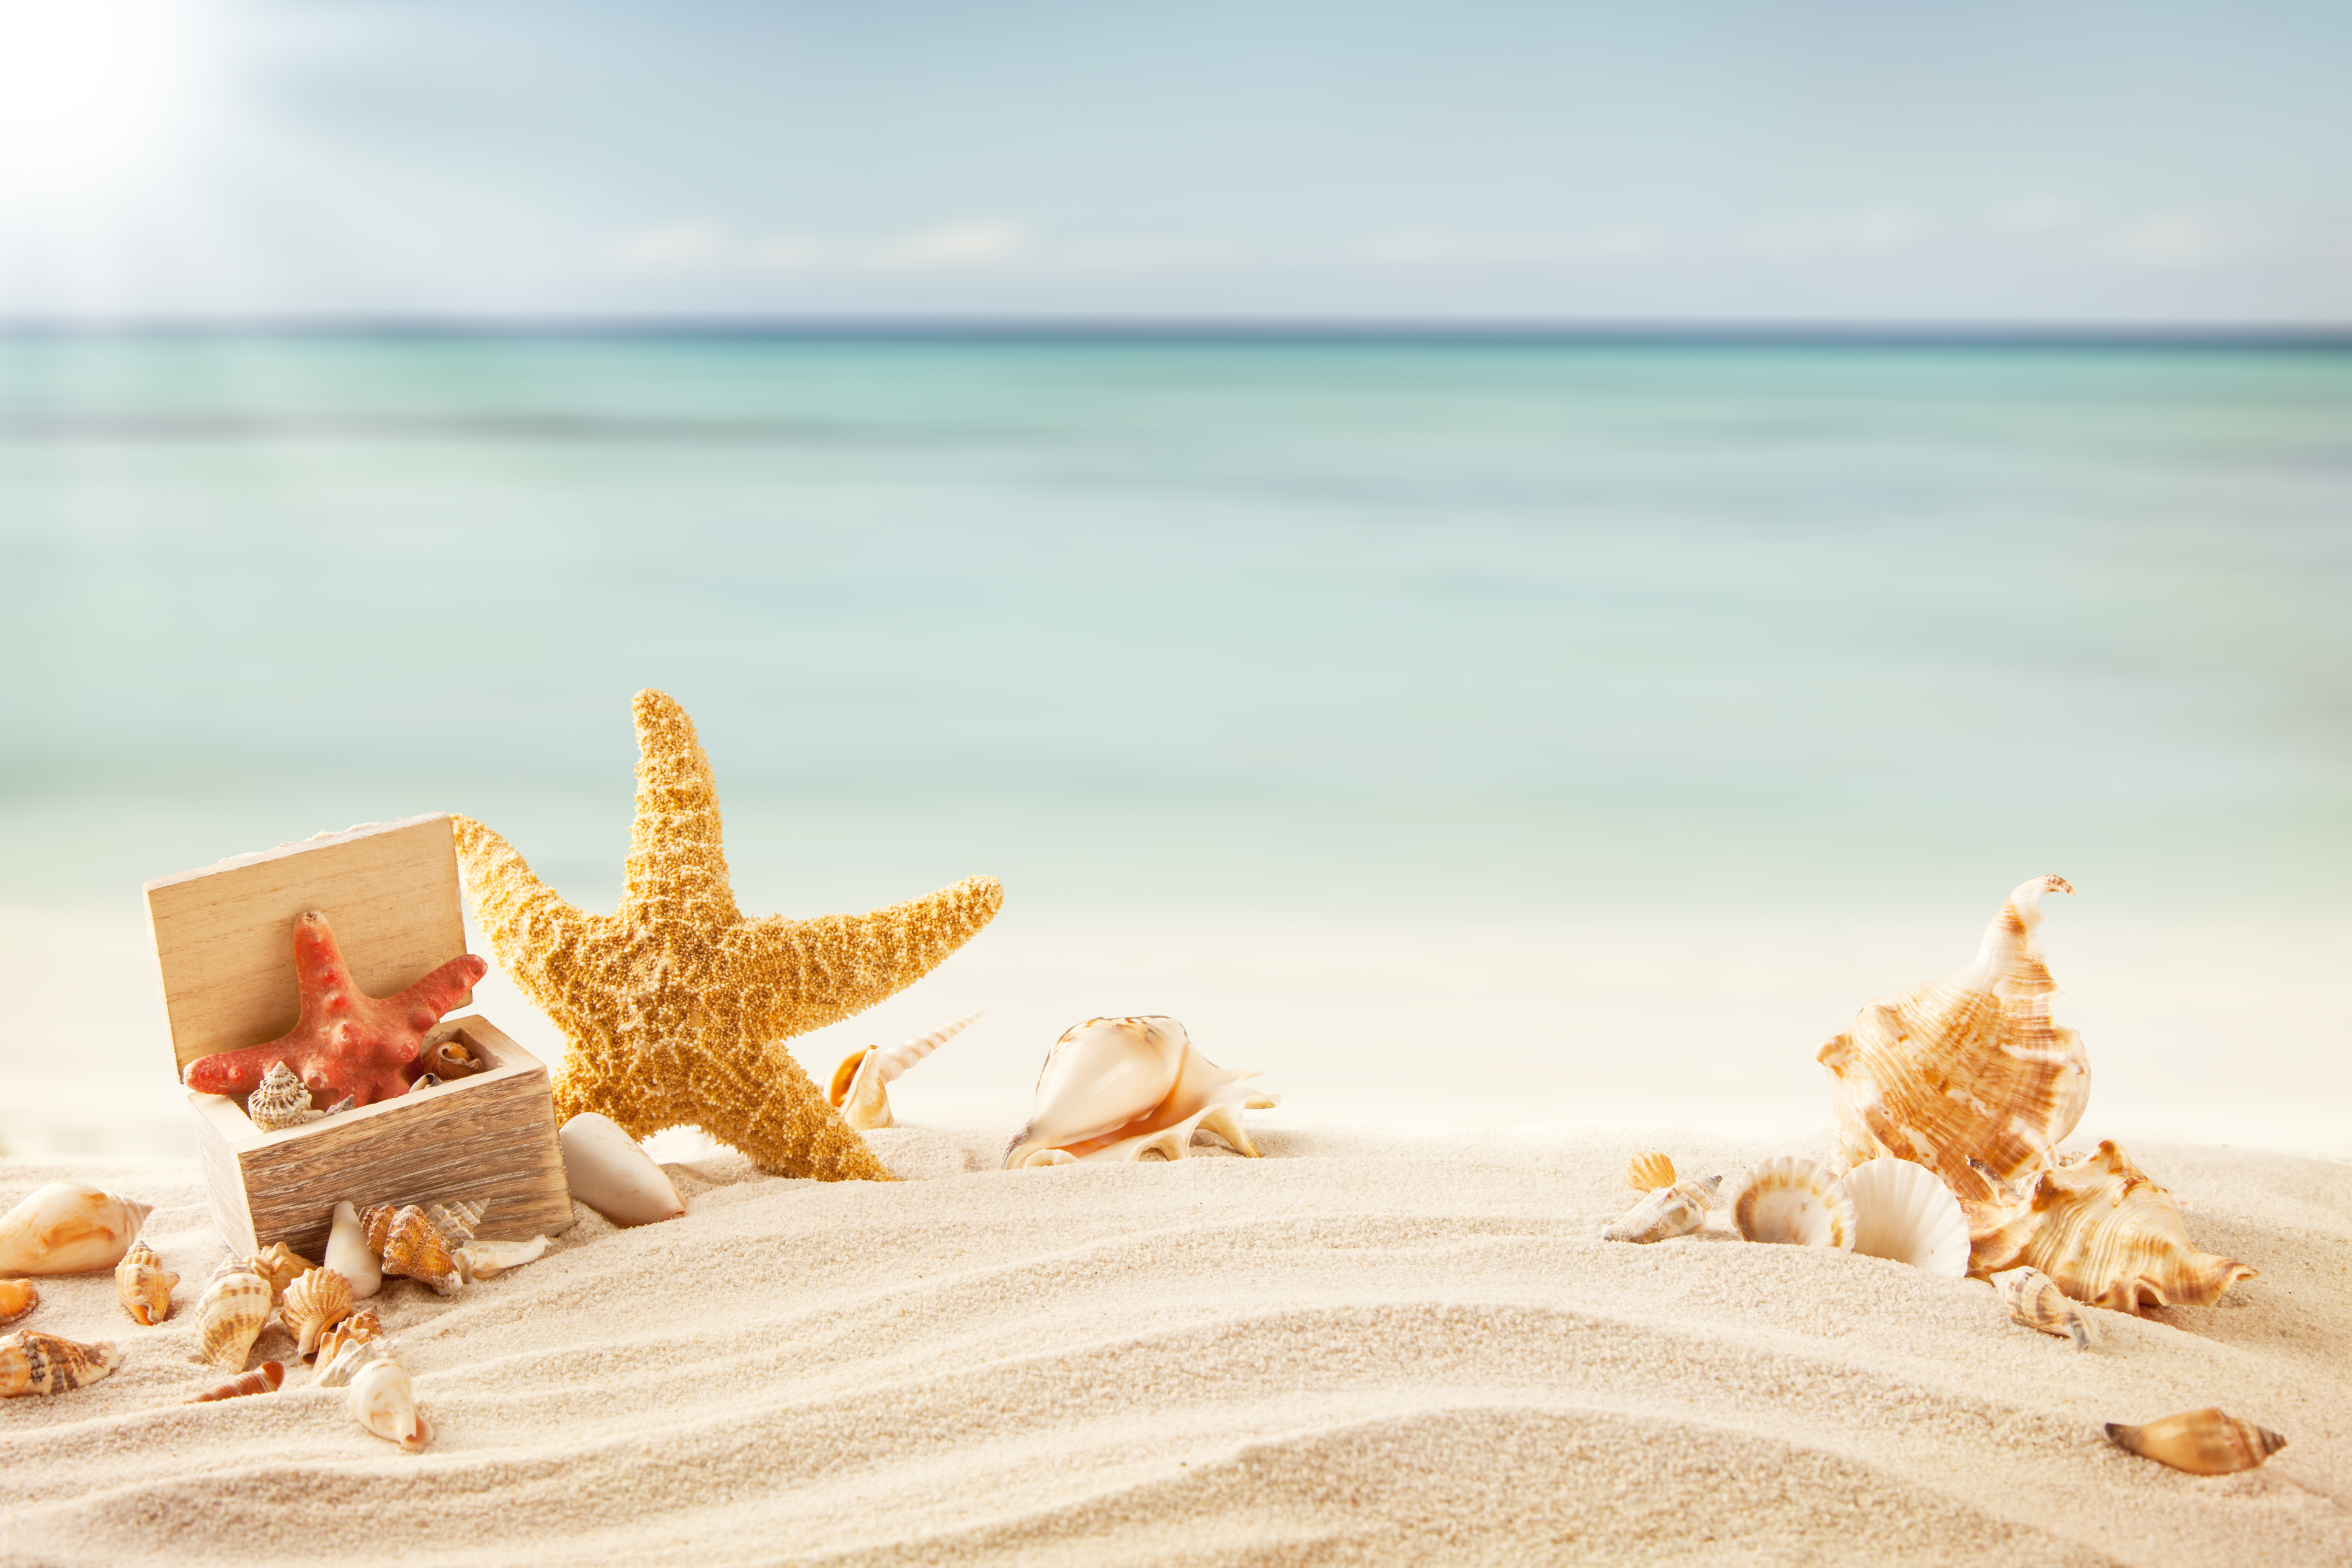 фото песок пляж